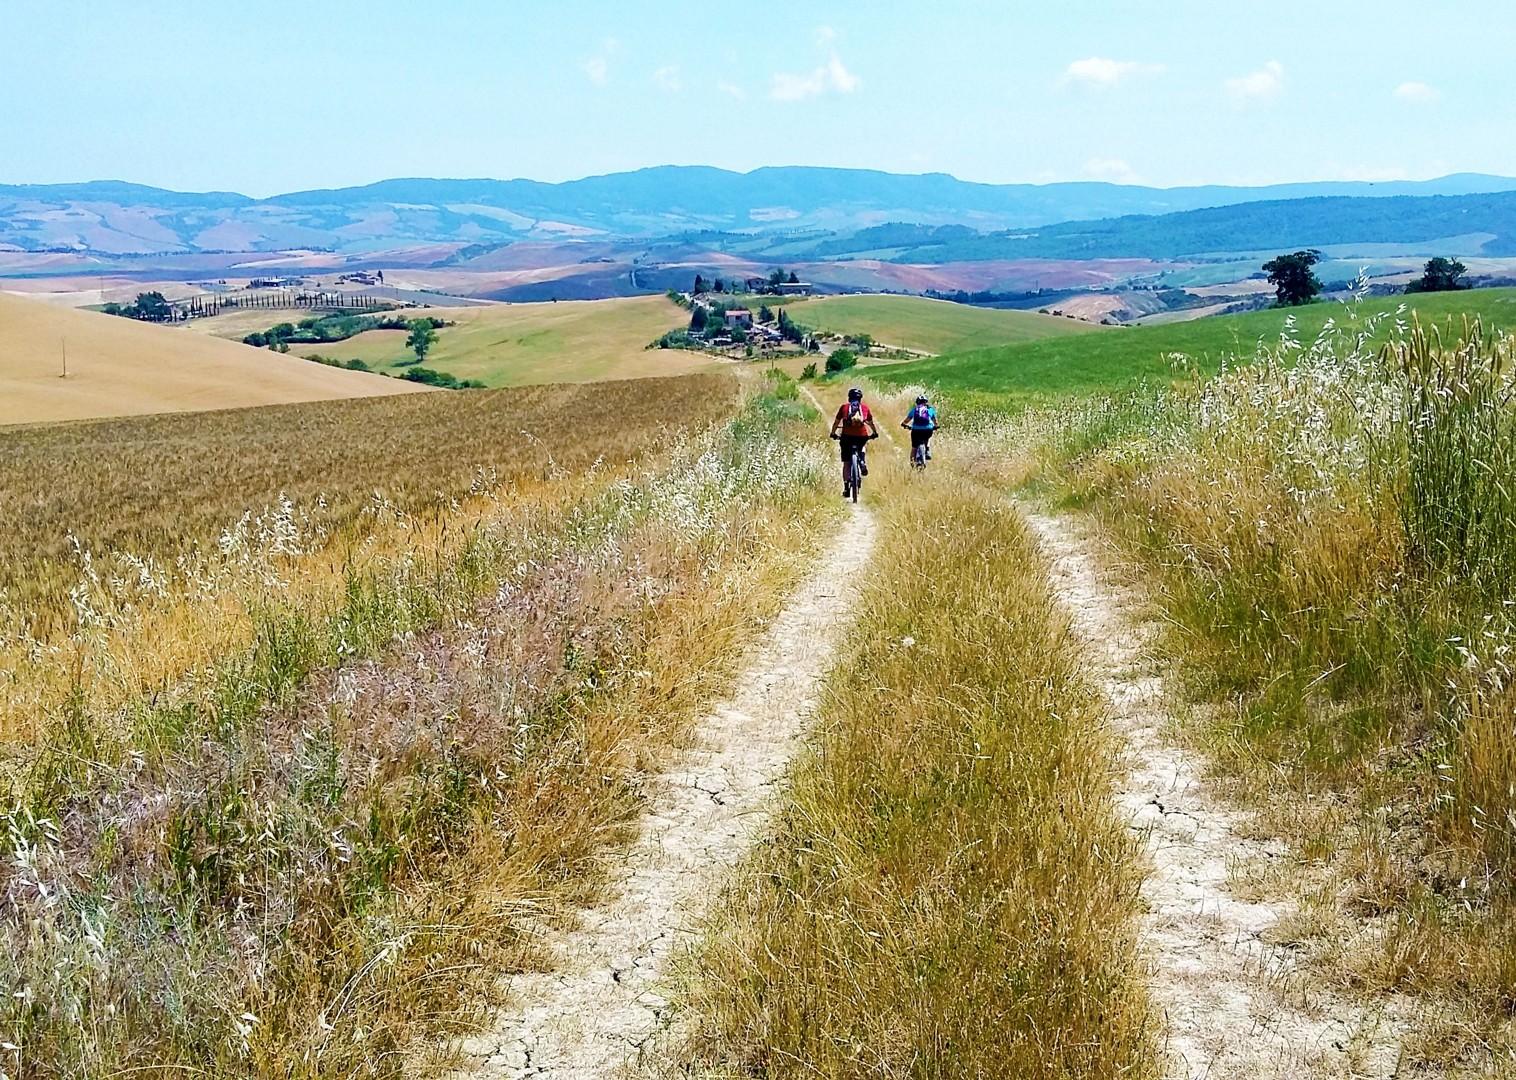 20170605_113843.jpg - Italy - Via Francigena (Tuscany to Rome) - Guided Mountain Biking Holiday - Italia Mountain Biking